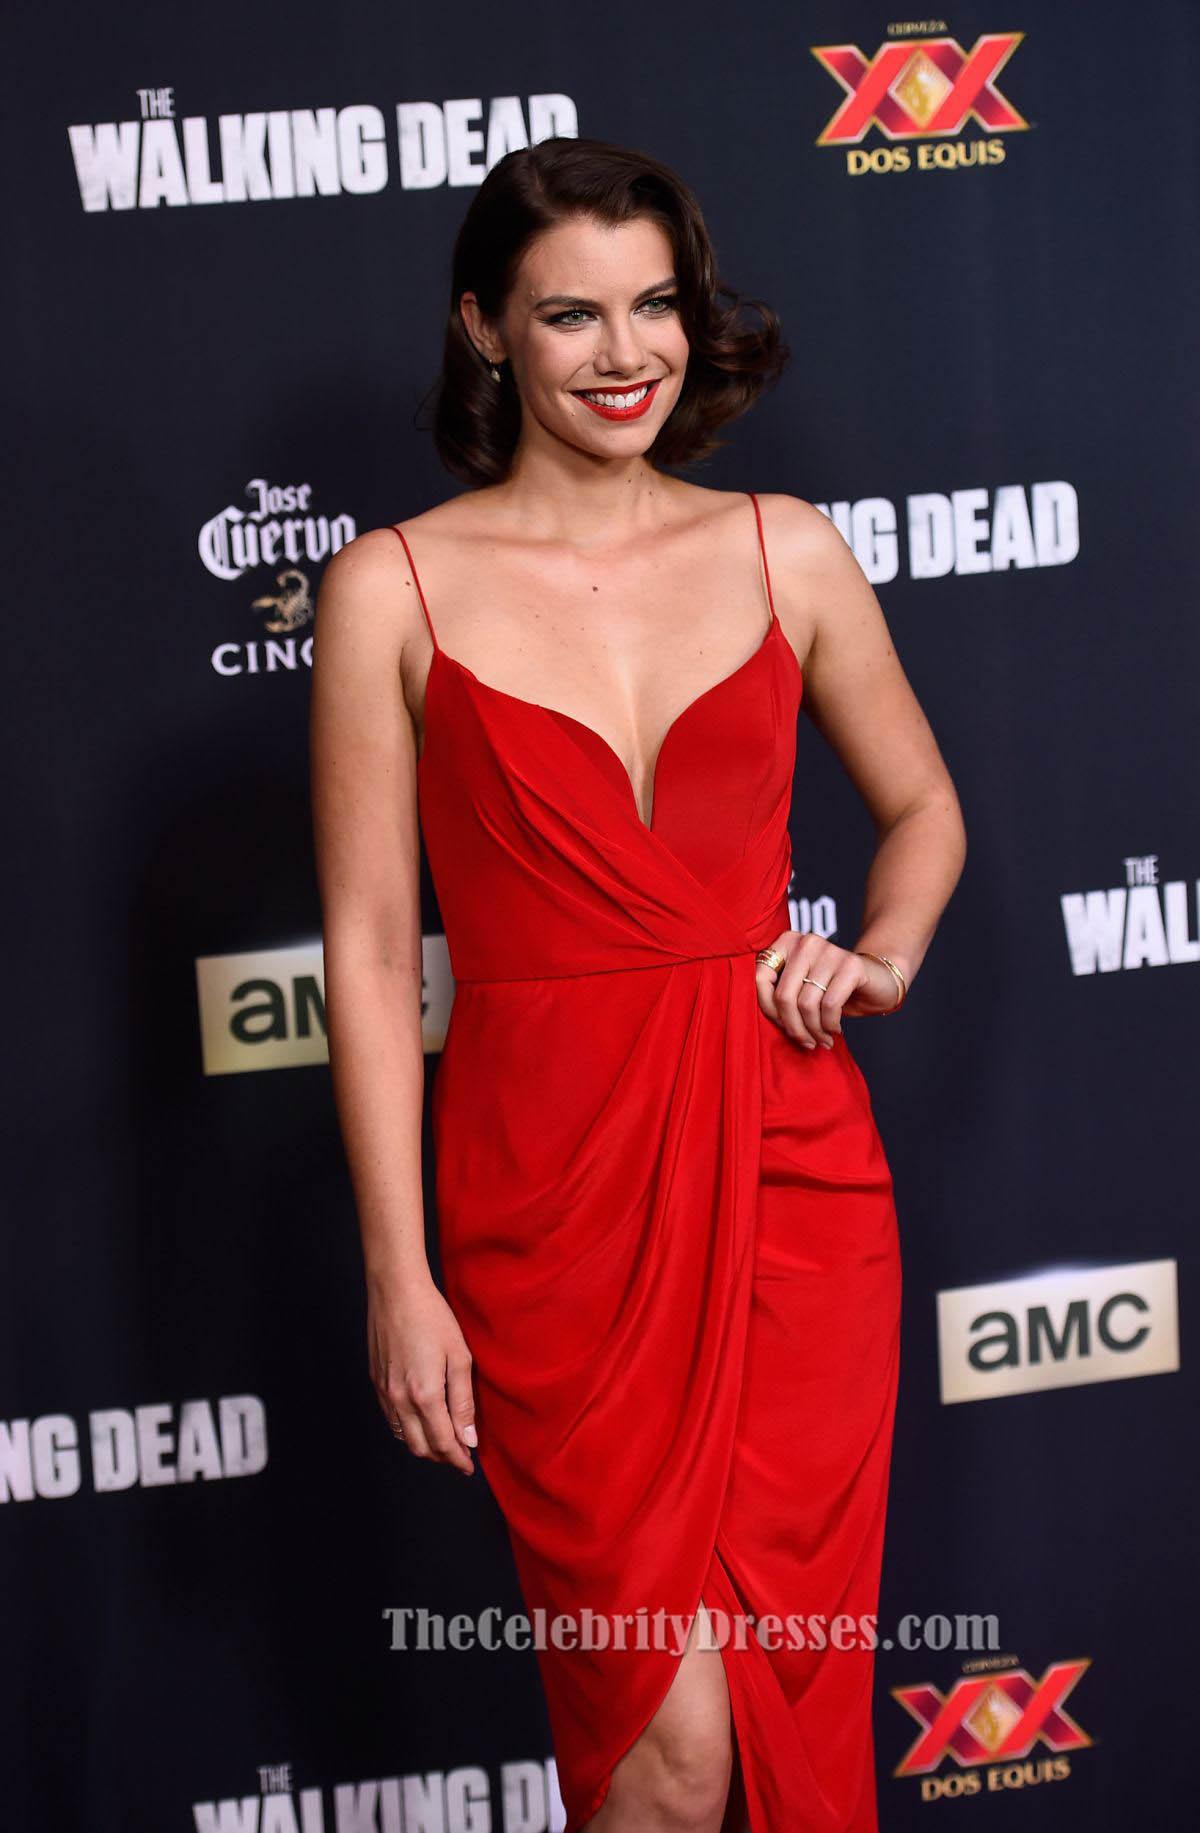 Lauren Cohan Red Tail Dress Walking Dead Season 5 Premiere Thecelebritydresses